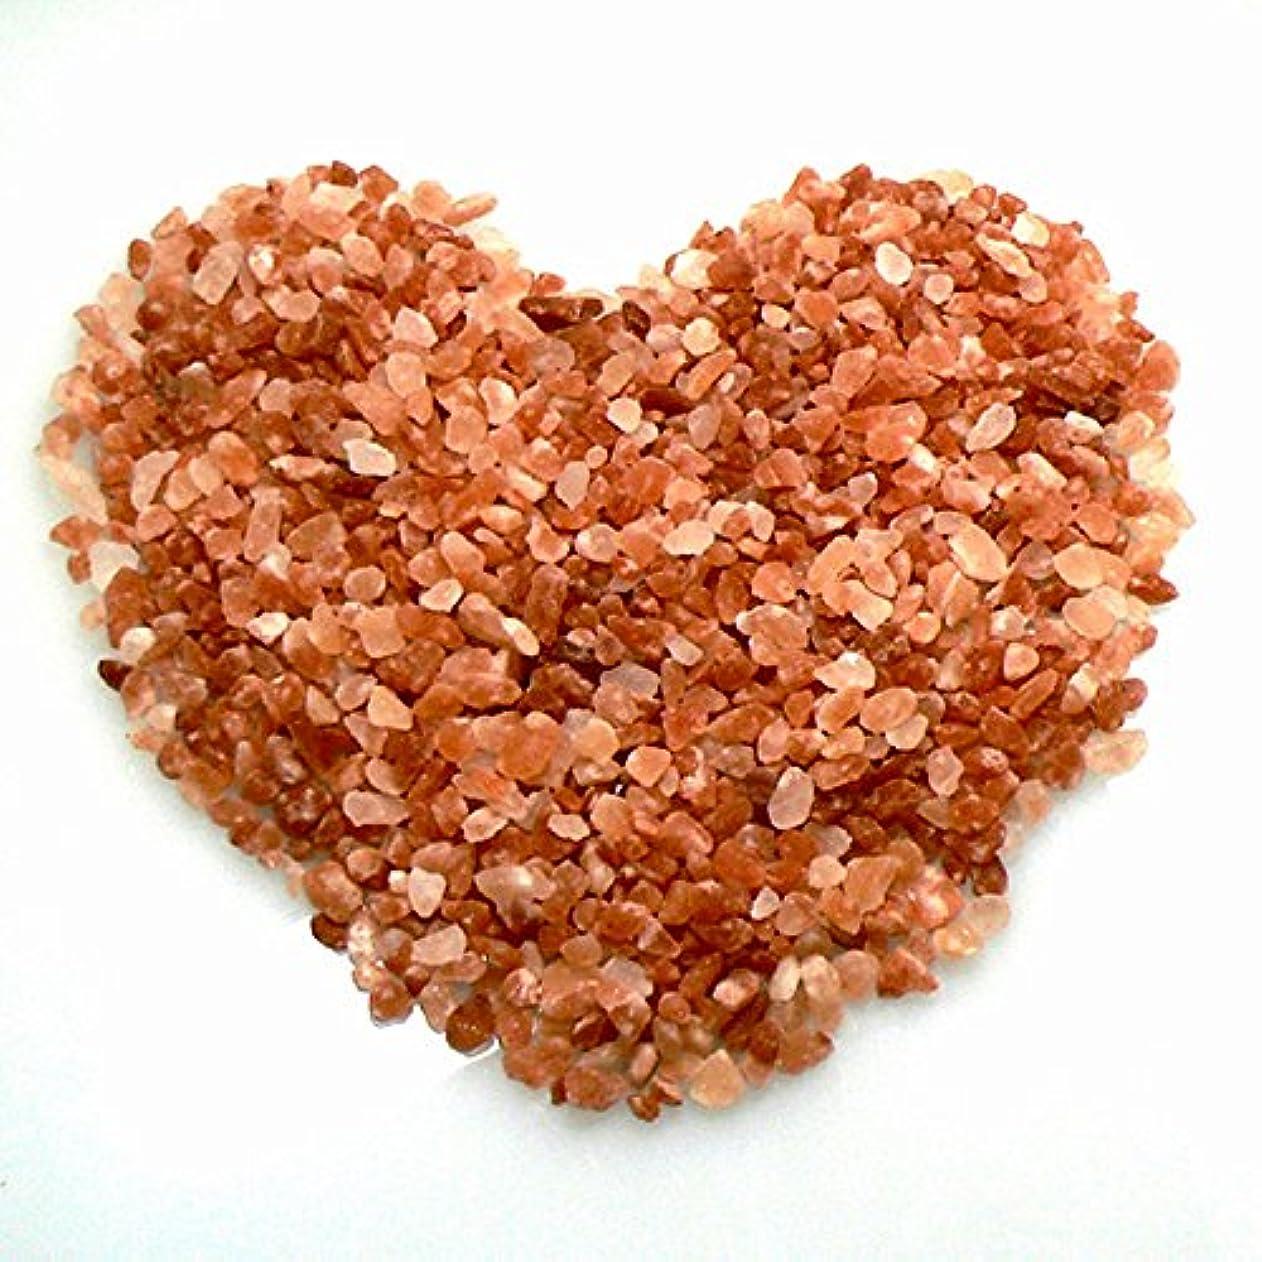 非効率的な震える空気ヒマラヤ岩塩 ピンクソルト 入浴用 バスソルト(小粒)3kg ピンク岩塩